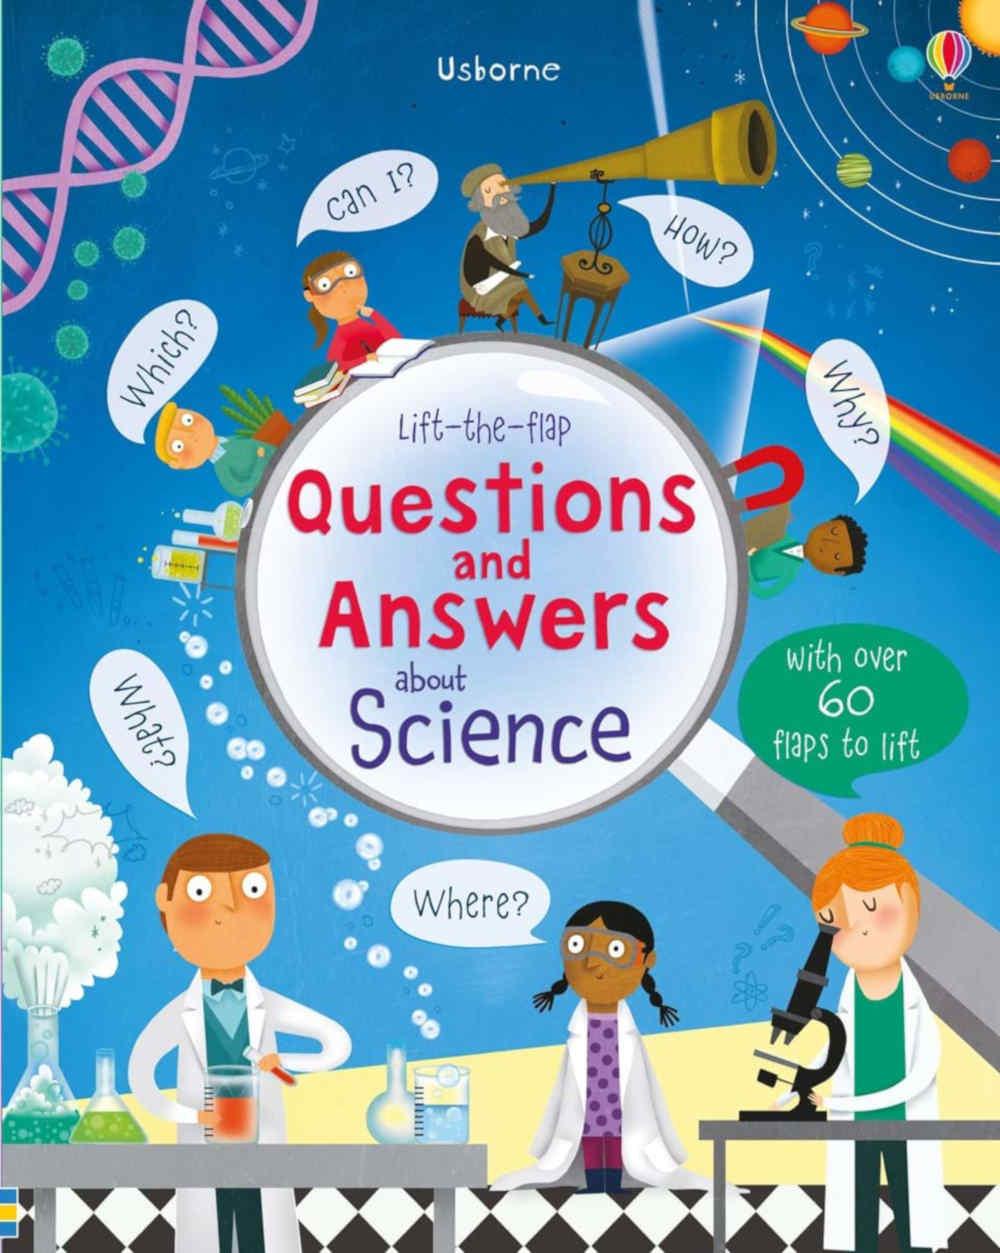 książka edukacyjna dla dzieci o wynalazkach i eksperymentach po angielsku z okienkami